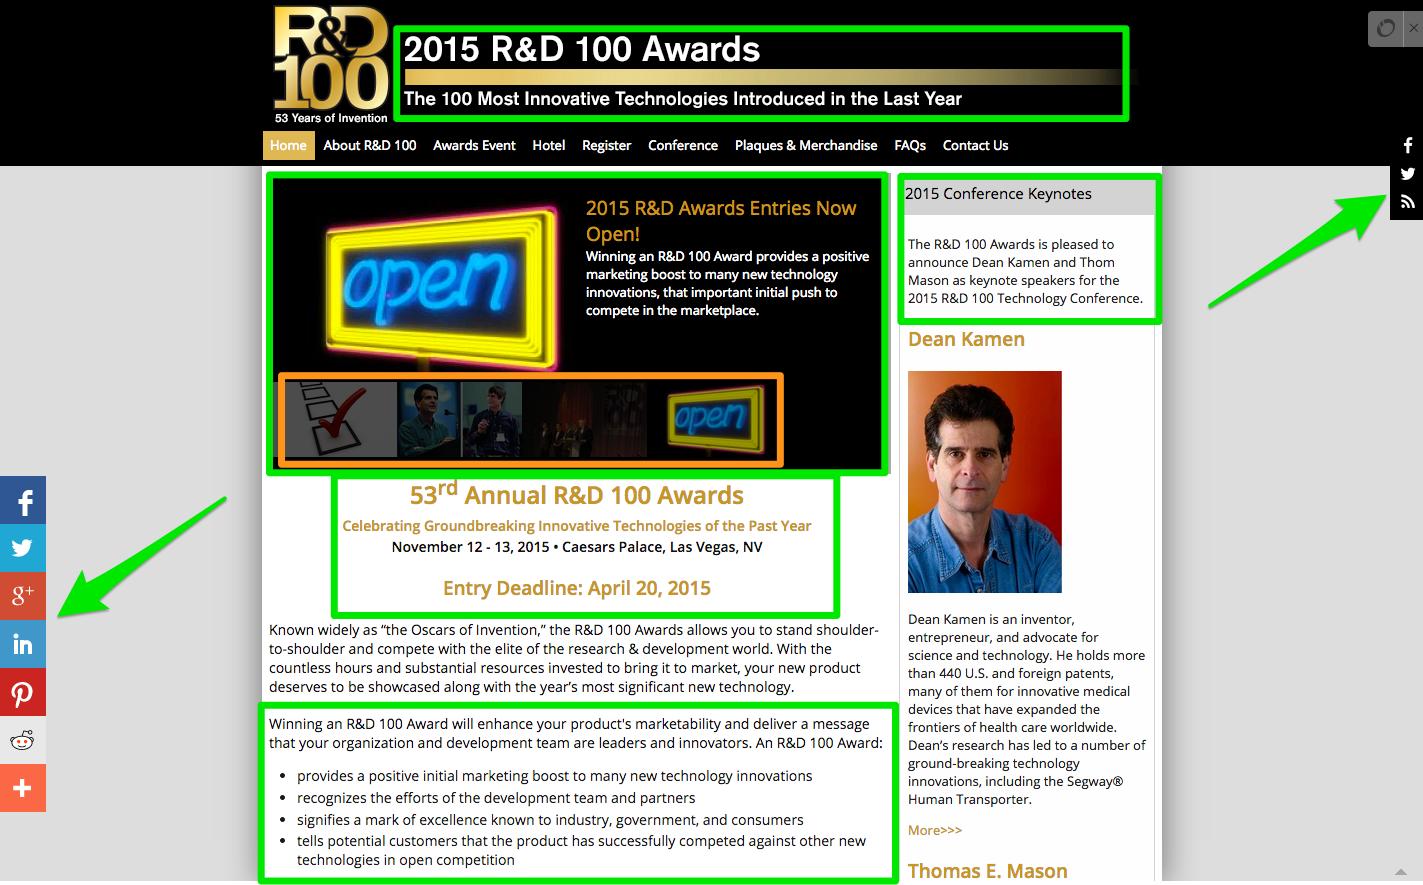 RandD_Awards_2015.png